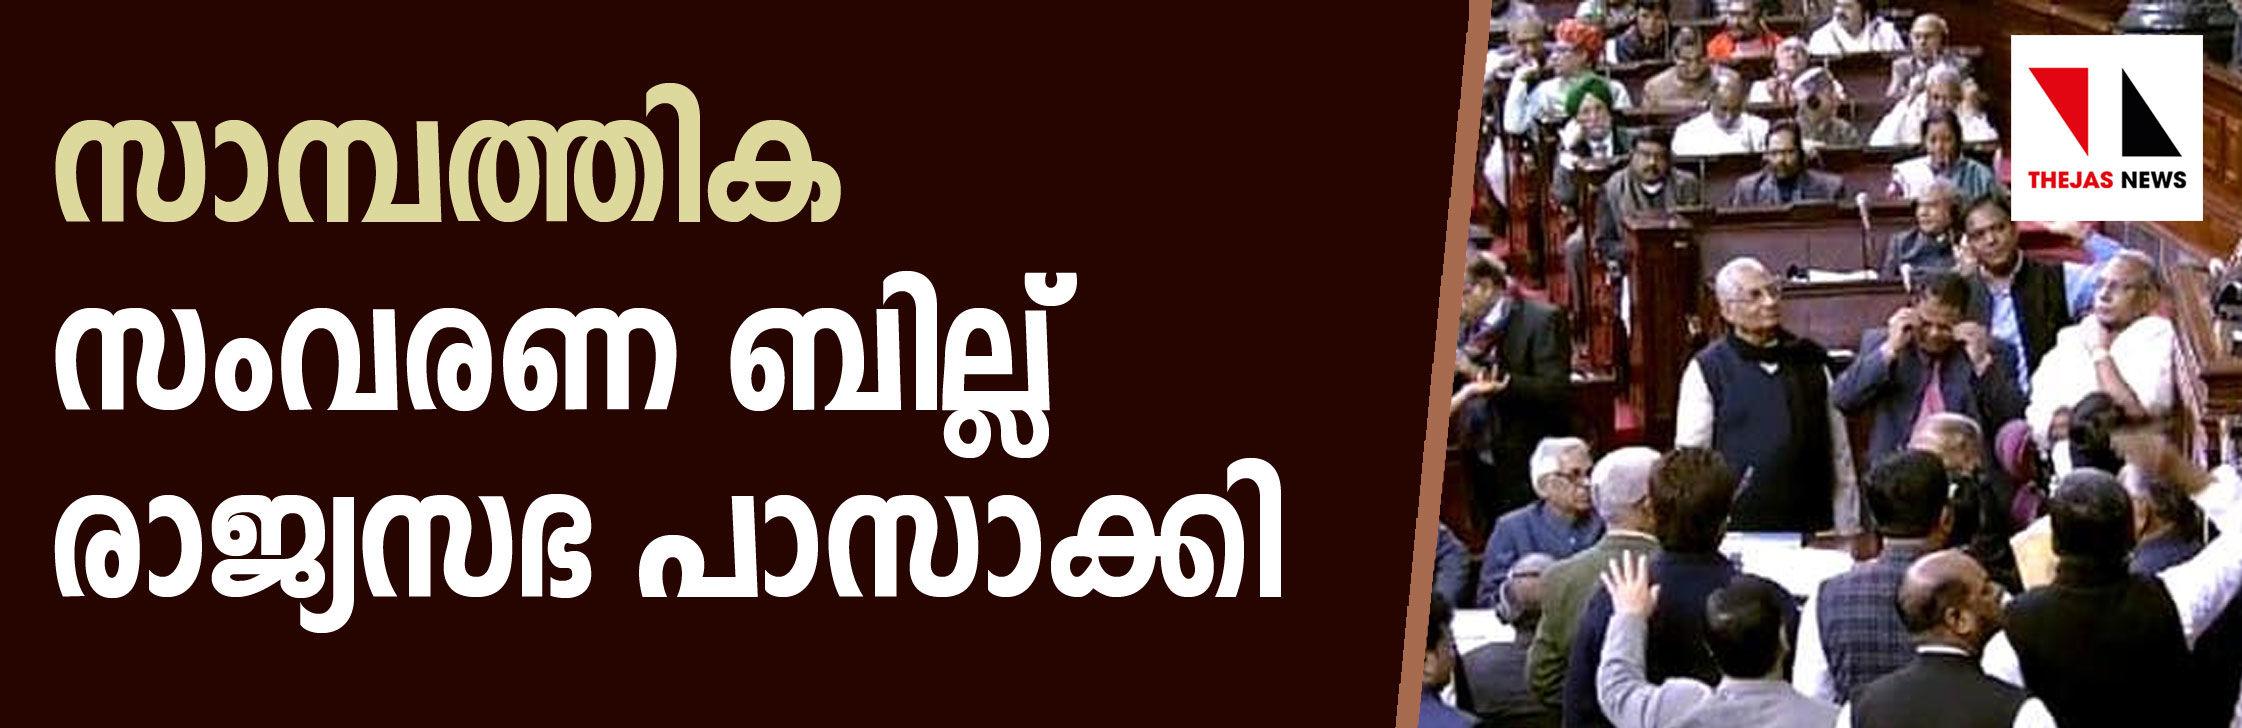 മുന്നാക്കക്കാര്ക്ക് സാമ്പത്തിക സംവരണം: ബില്ല് രാജ്യസഭയിലും പാസായി